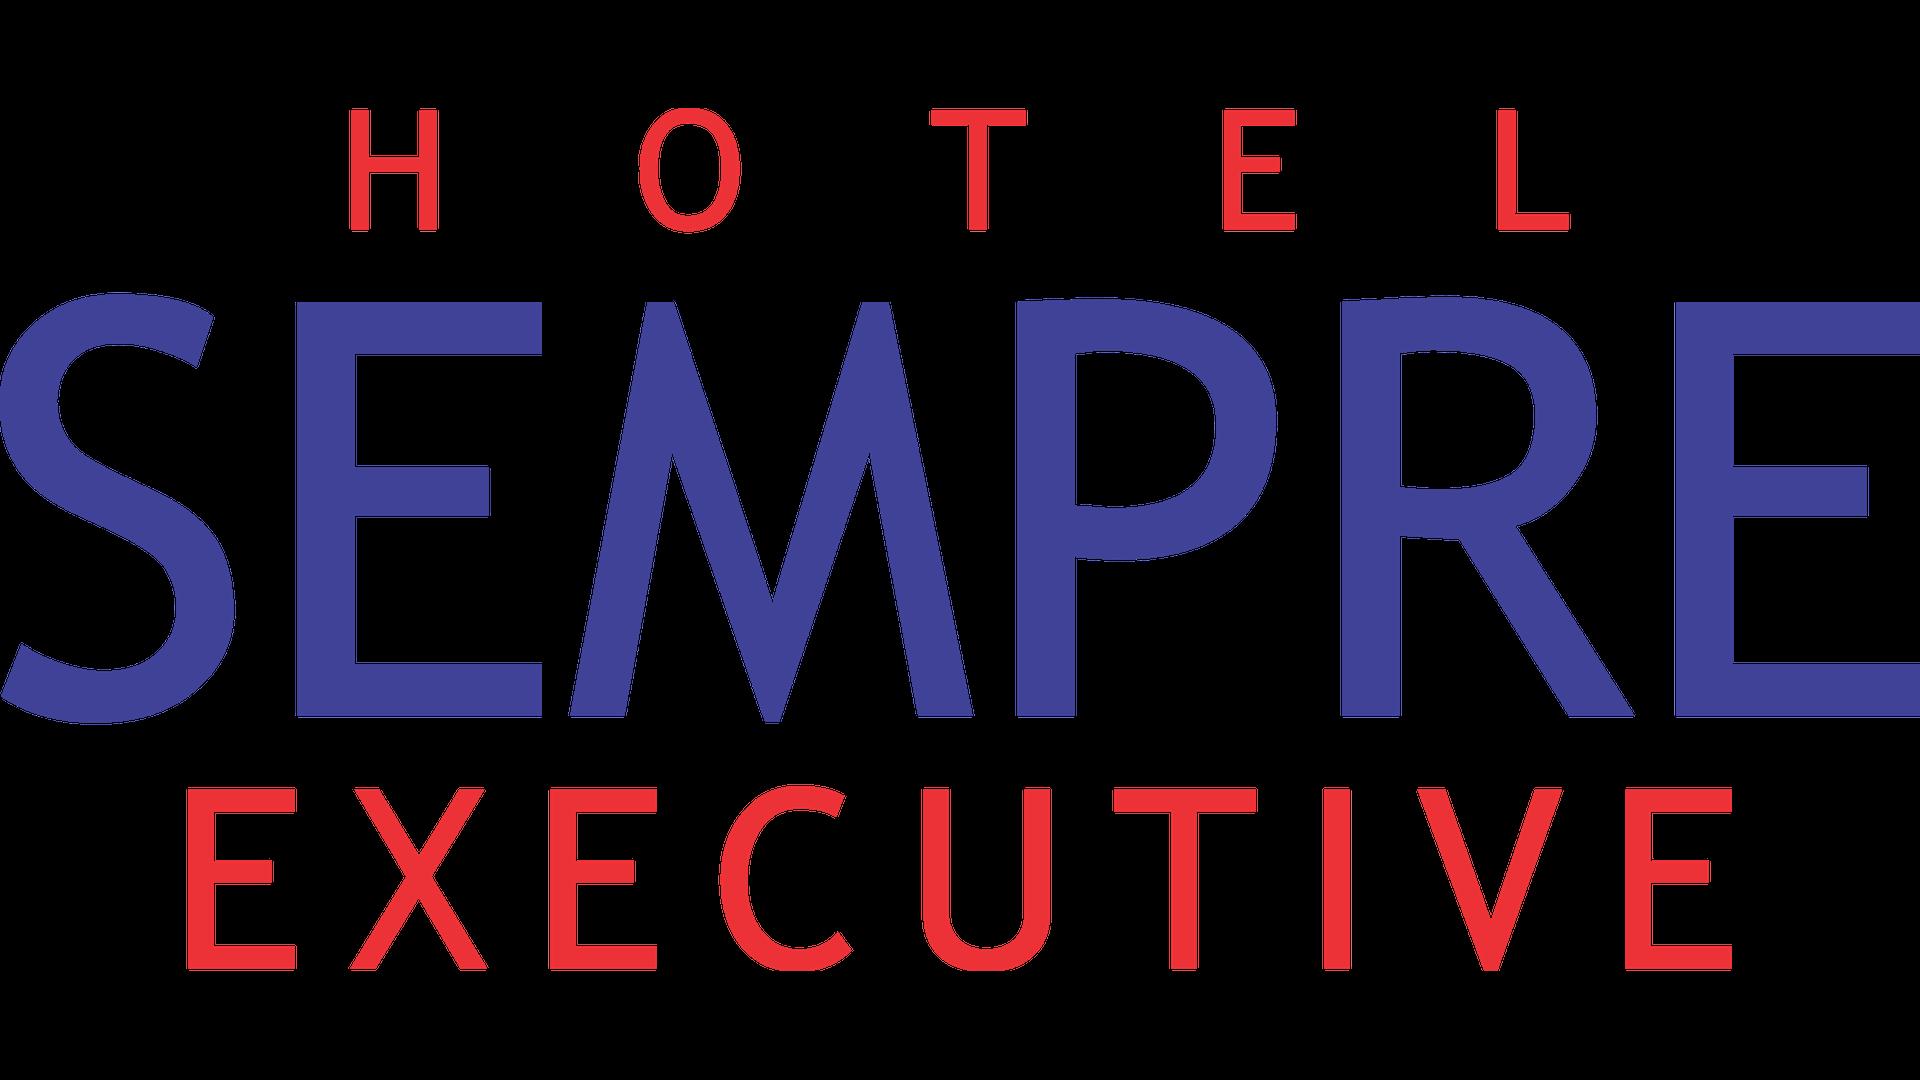 Hotel Sempre Executive